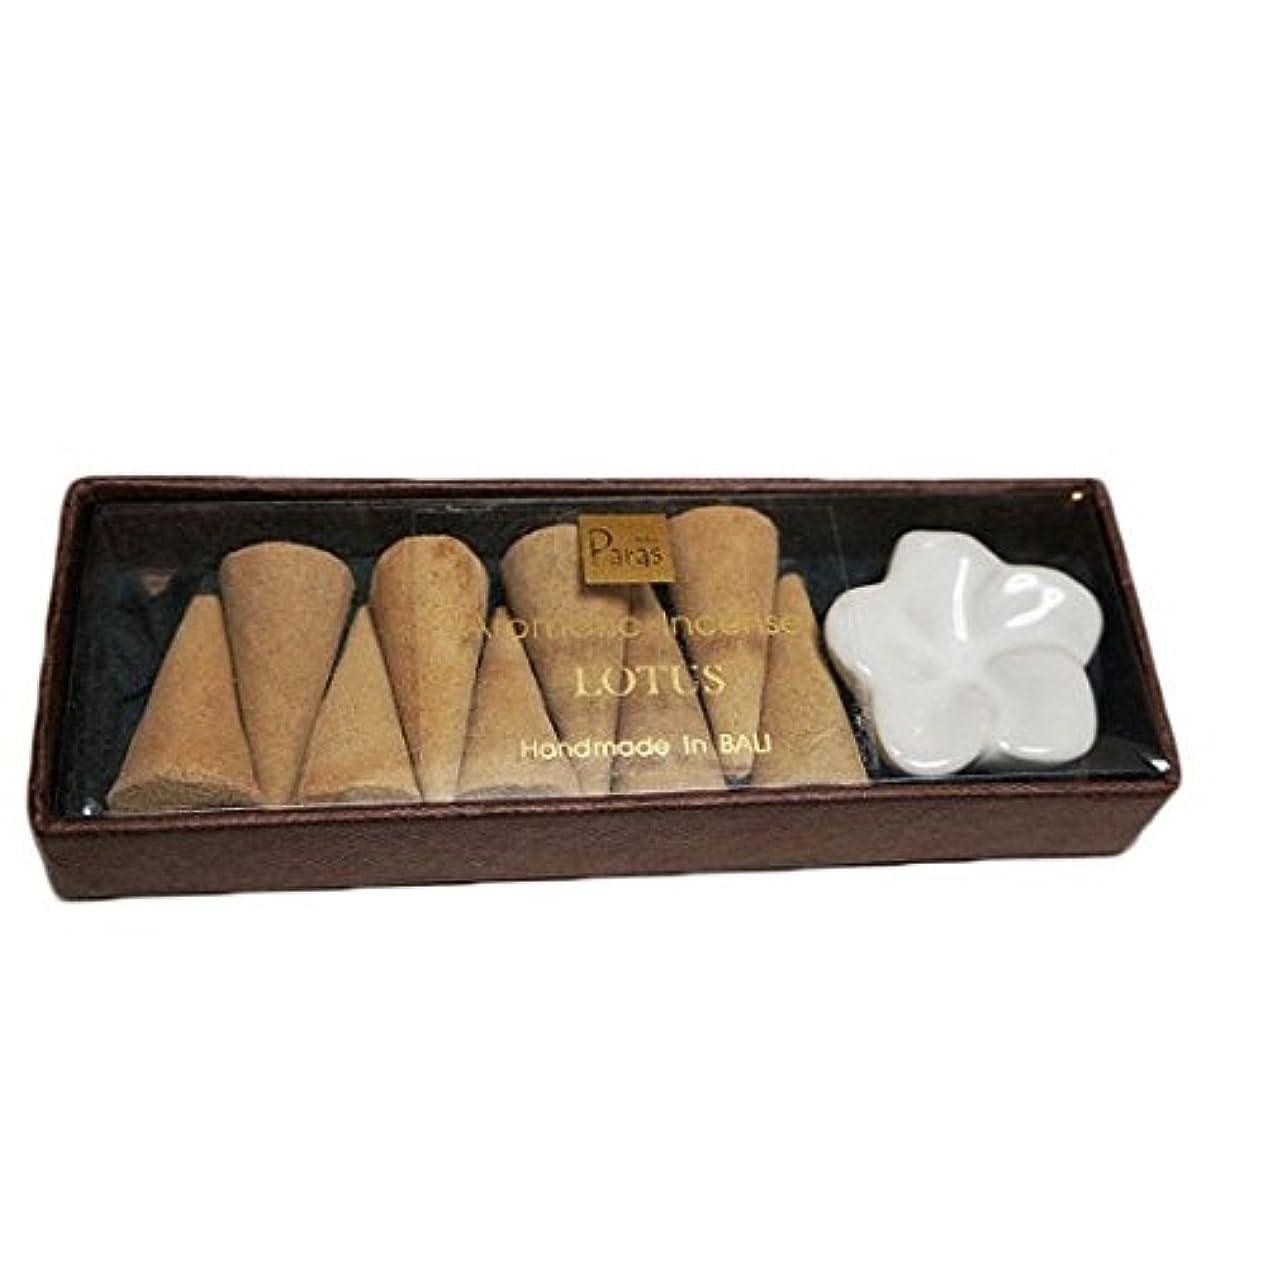 ラベブッシュ声を出してロータス お香セット【トコパラス TOKO PARAS】バリ島 フランジパニの陶器のお香立て付き ナチュラルハンドメイドのお香